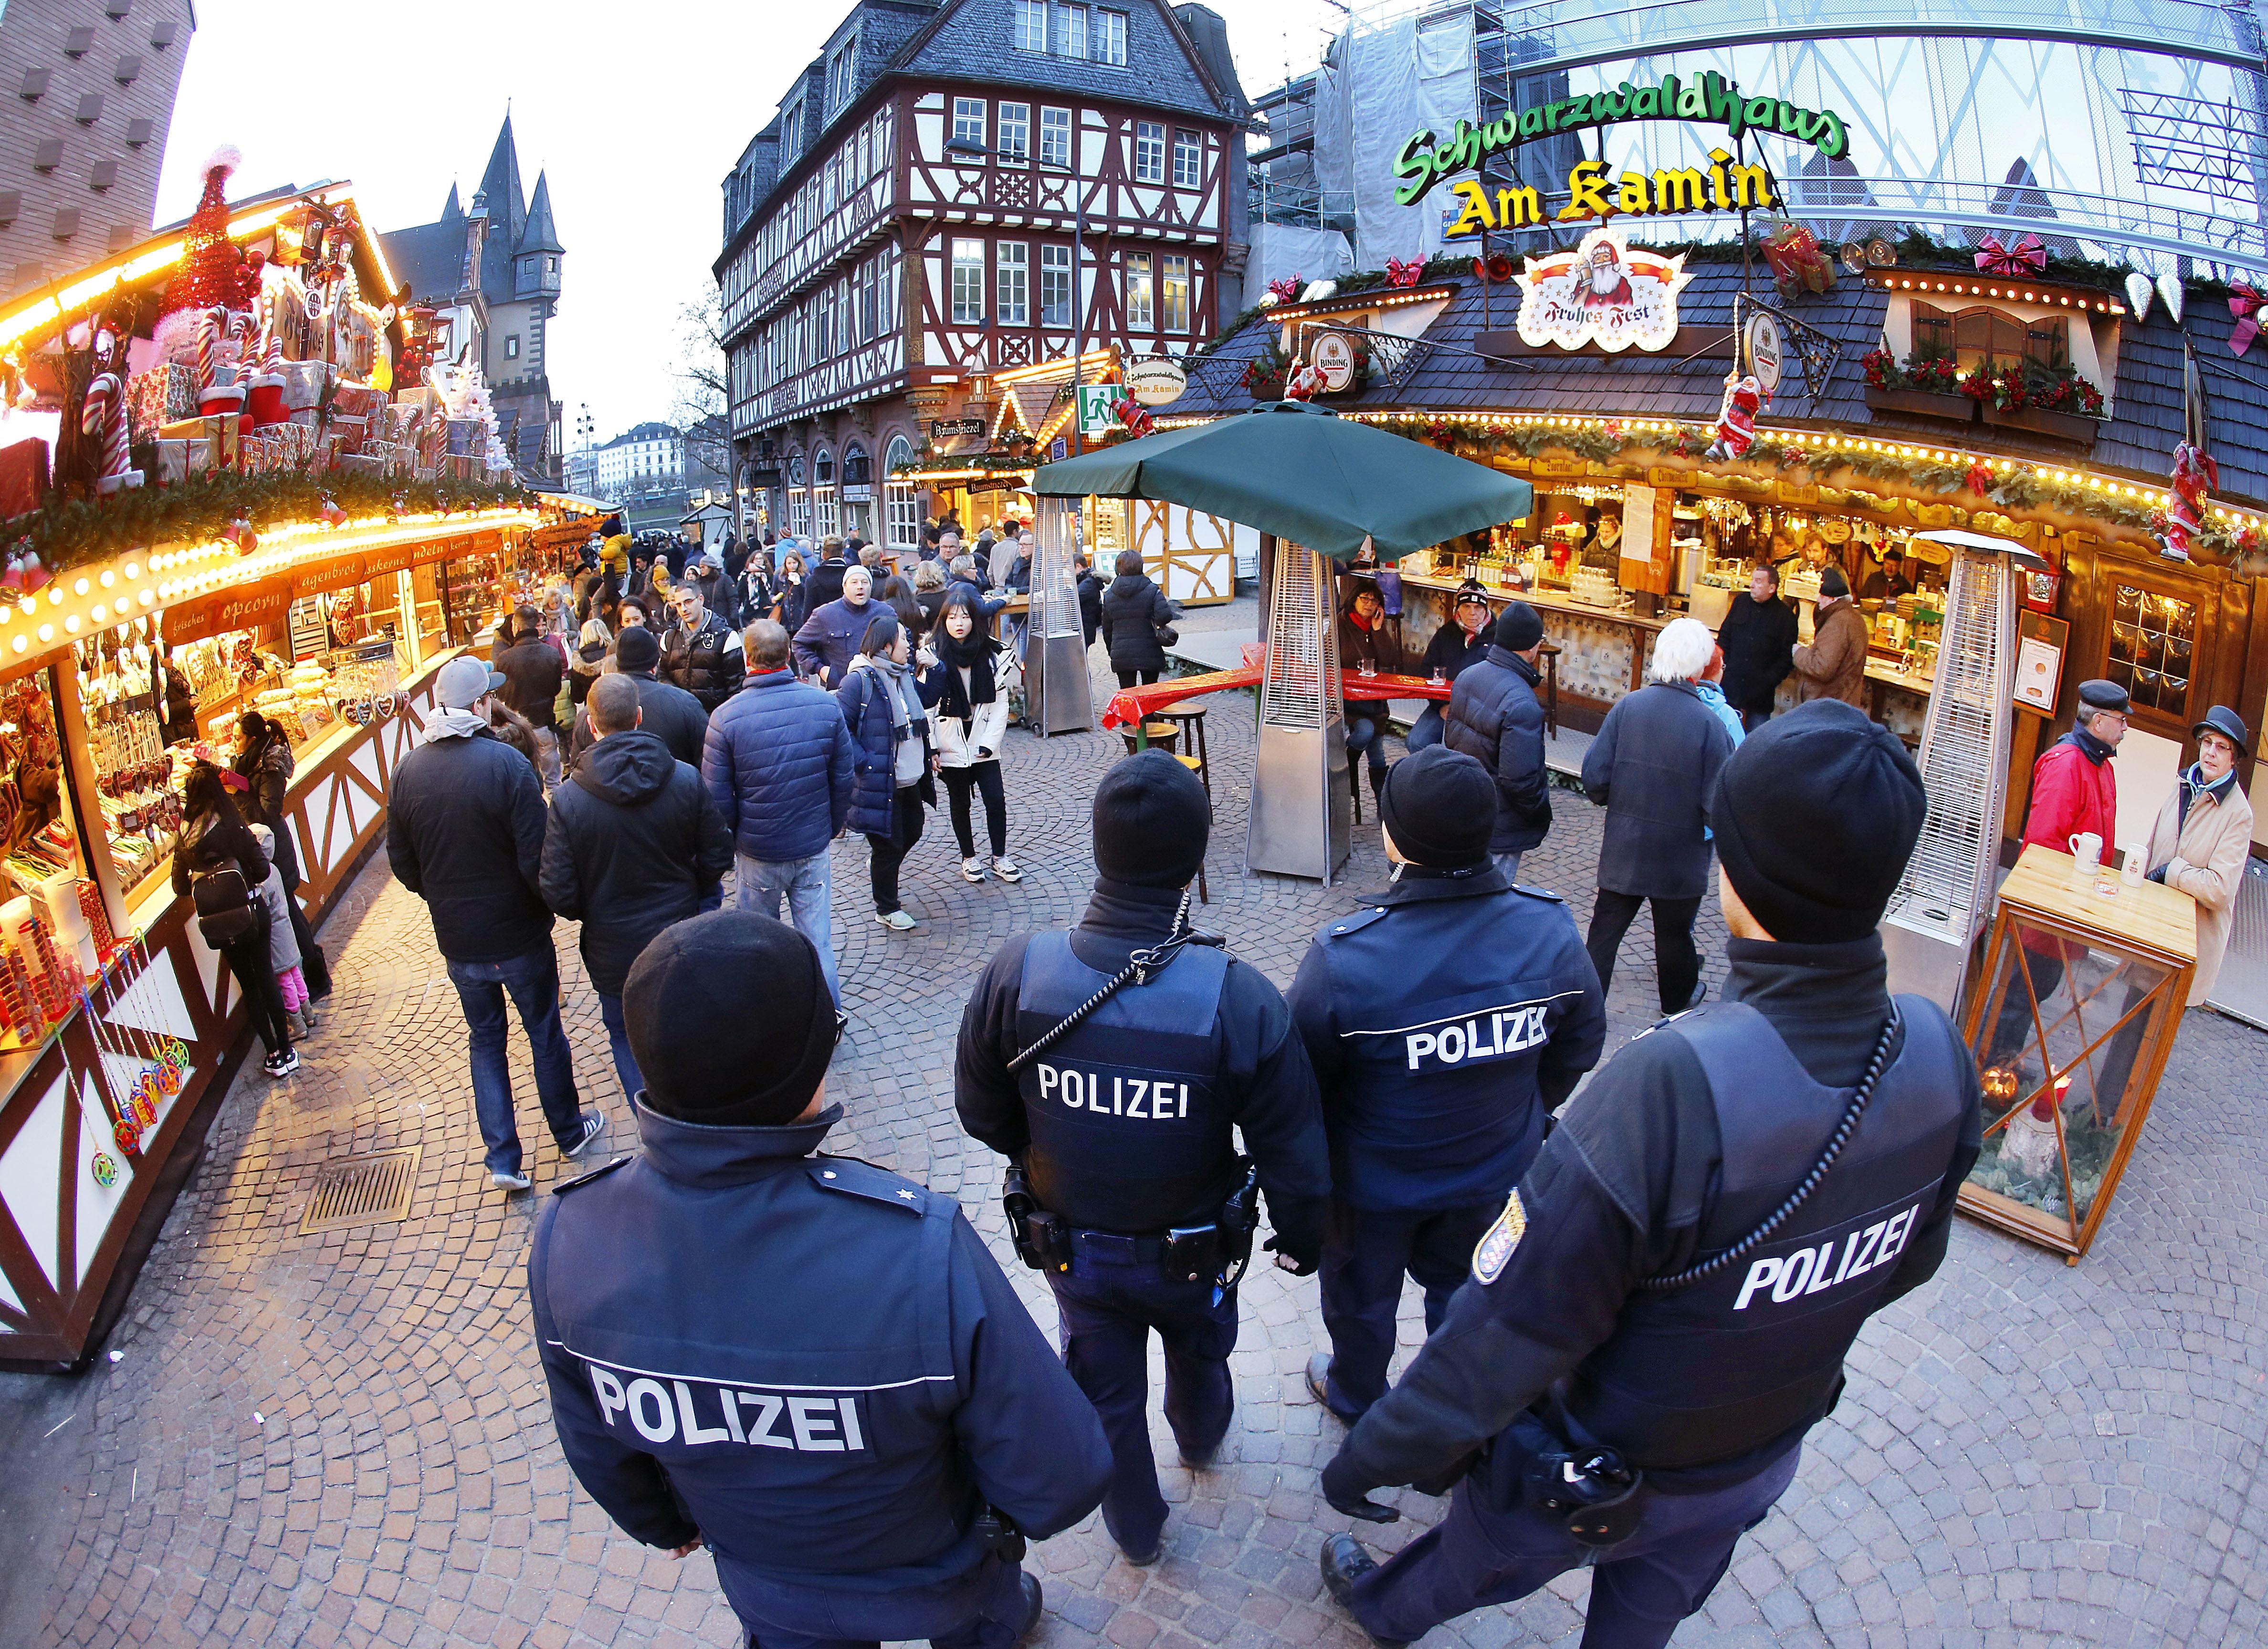 在柏林發生卡車恐攻之後,法蘭克福的耶誕市集可以看到荷槍實彈的警察巡邏。(美聯社)